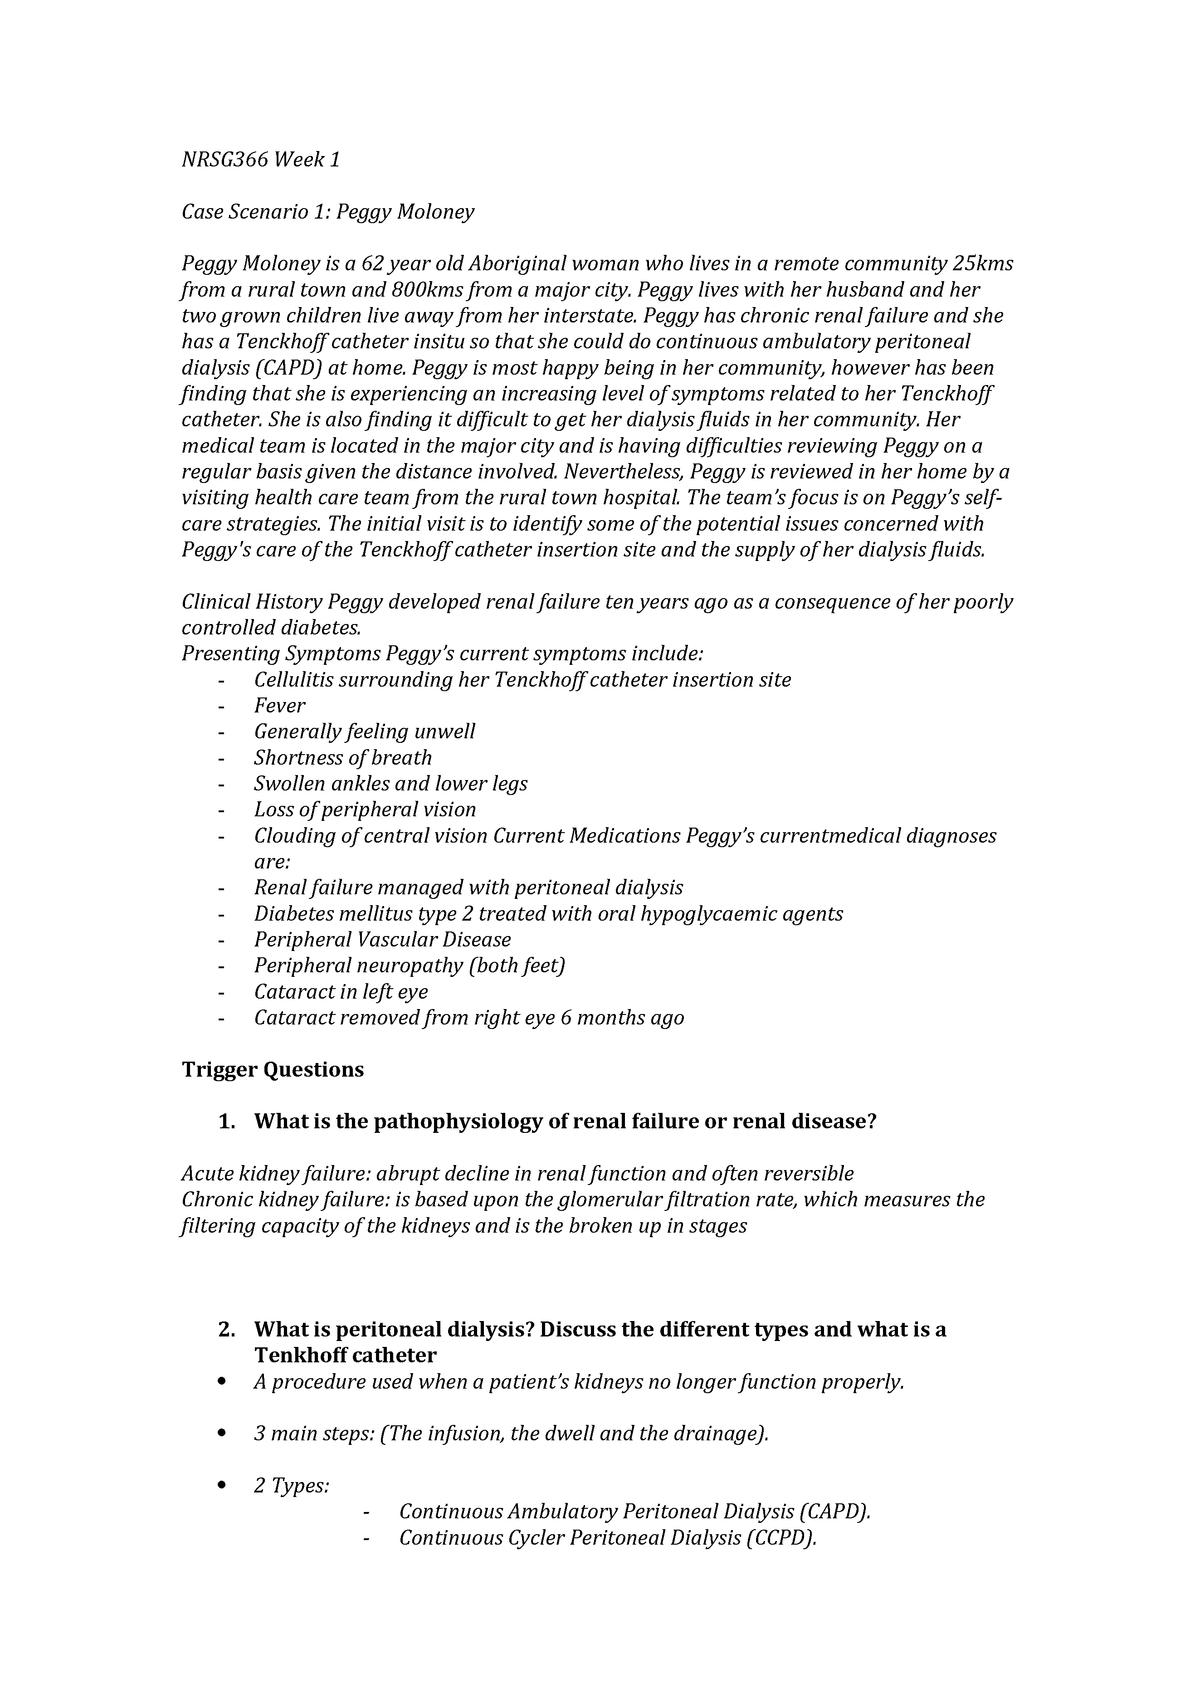 Week 1 Triggers - Case Scenario 1: Peggy Moloney - NRSG366